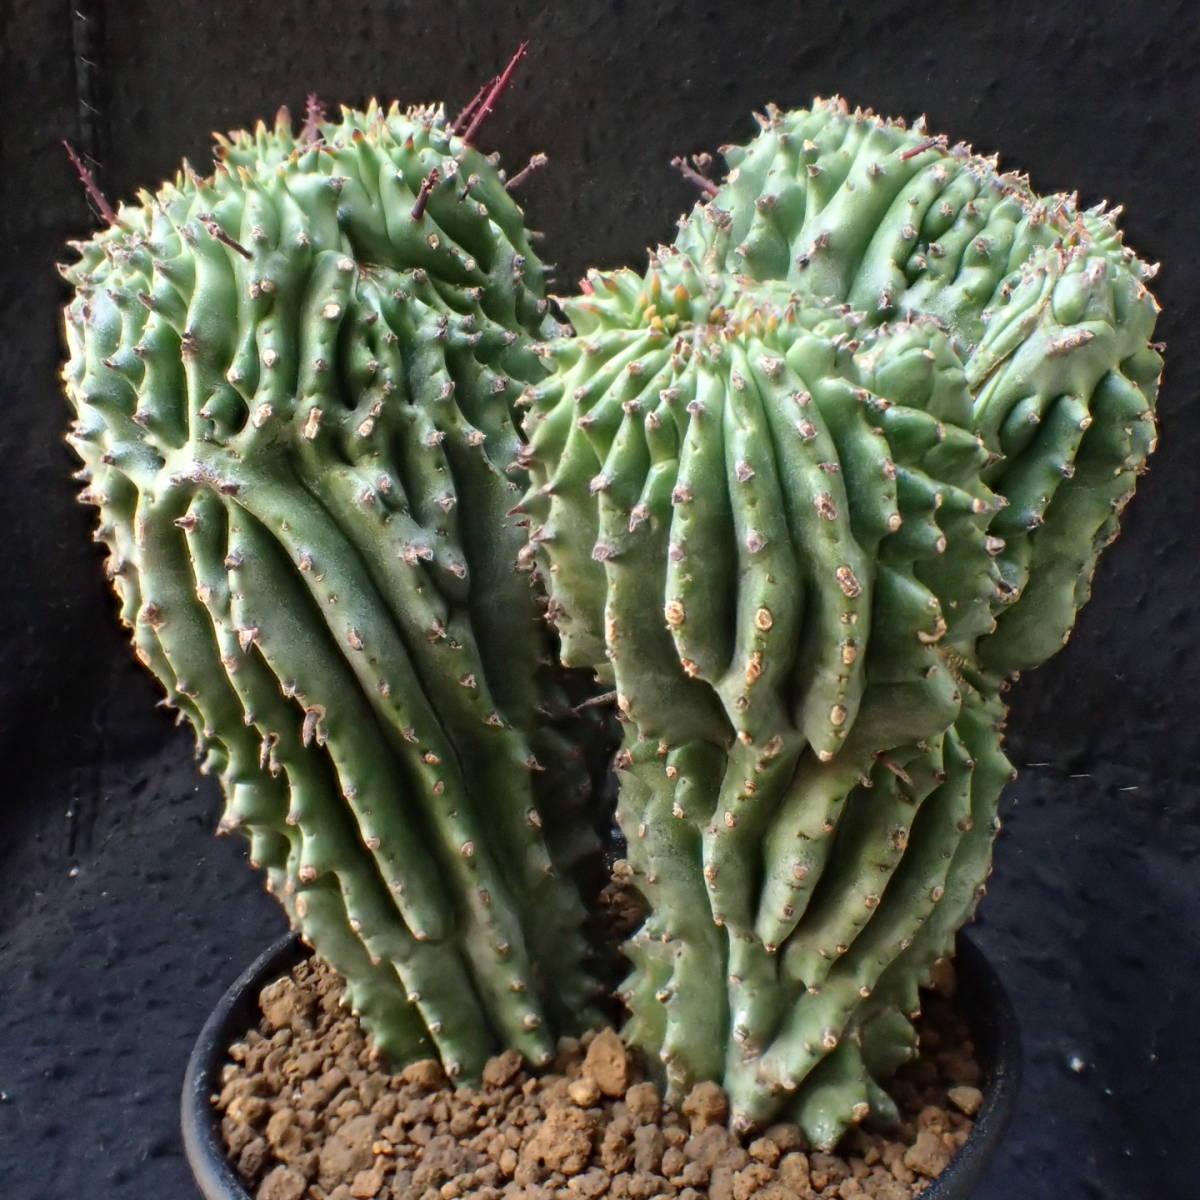 めったにない極太3頭モンスト綴化 ホリダ ユーフォルビア euphorbia horrida/ 多肉植物 塊根植物 サボテン コーデックス_大変立派な モンスト 綴化 ホリダ